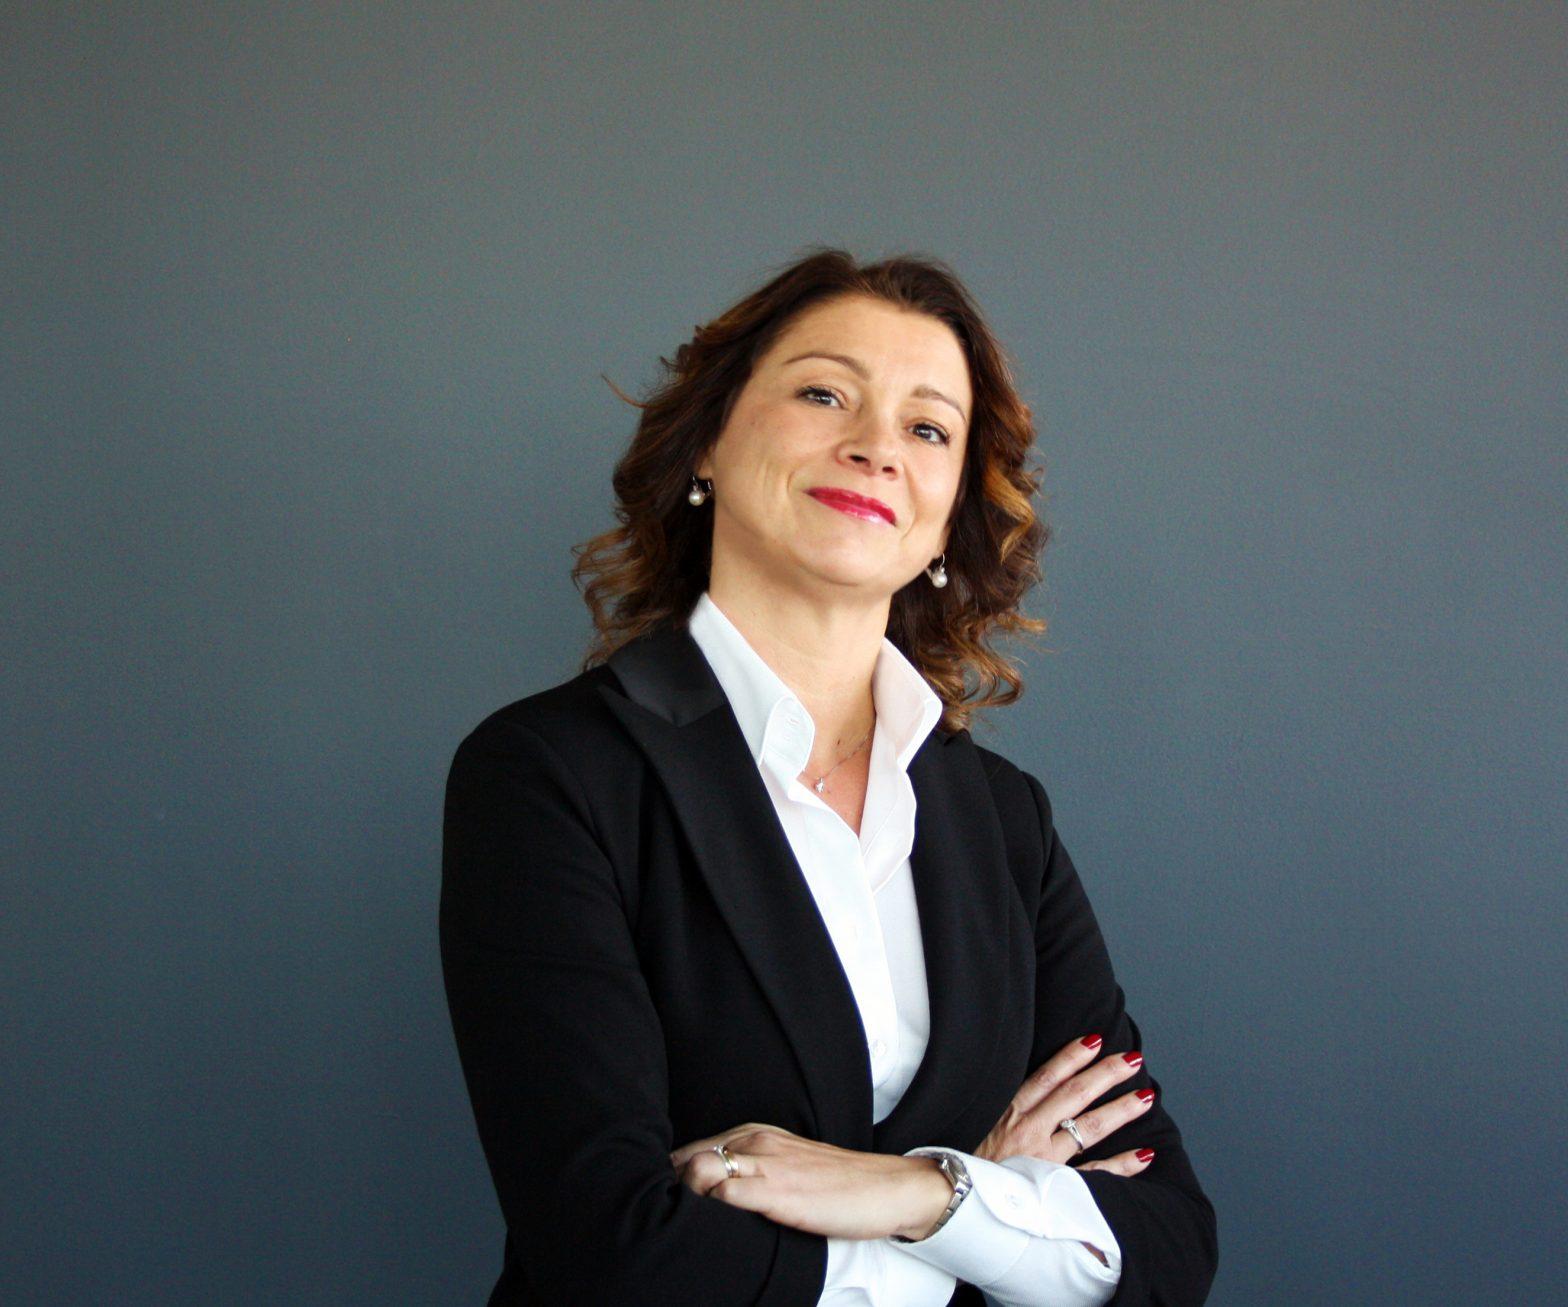 Luisa Osellame